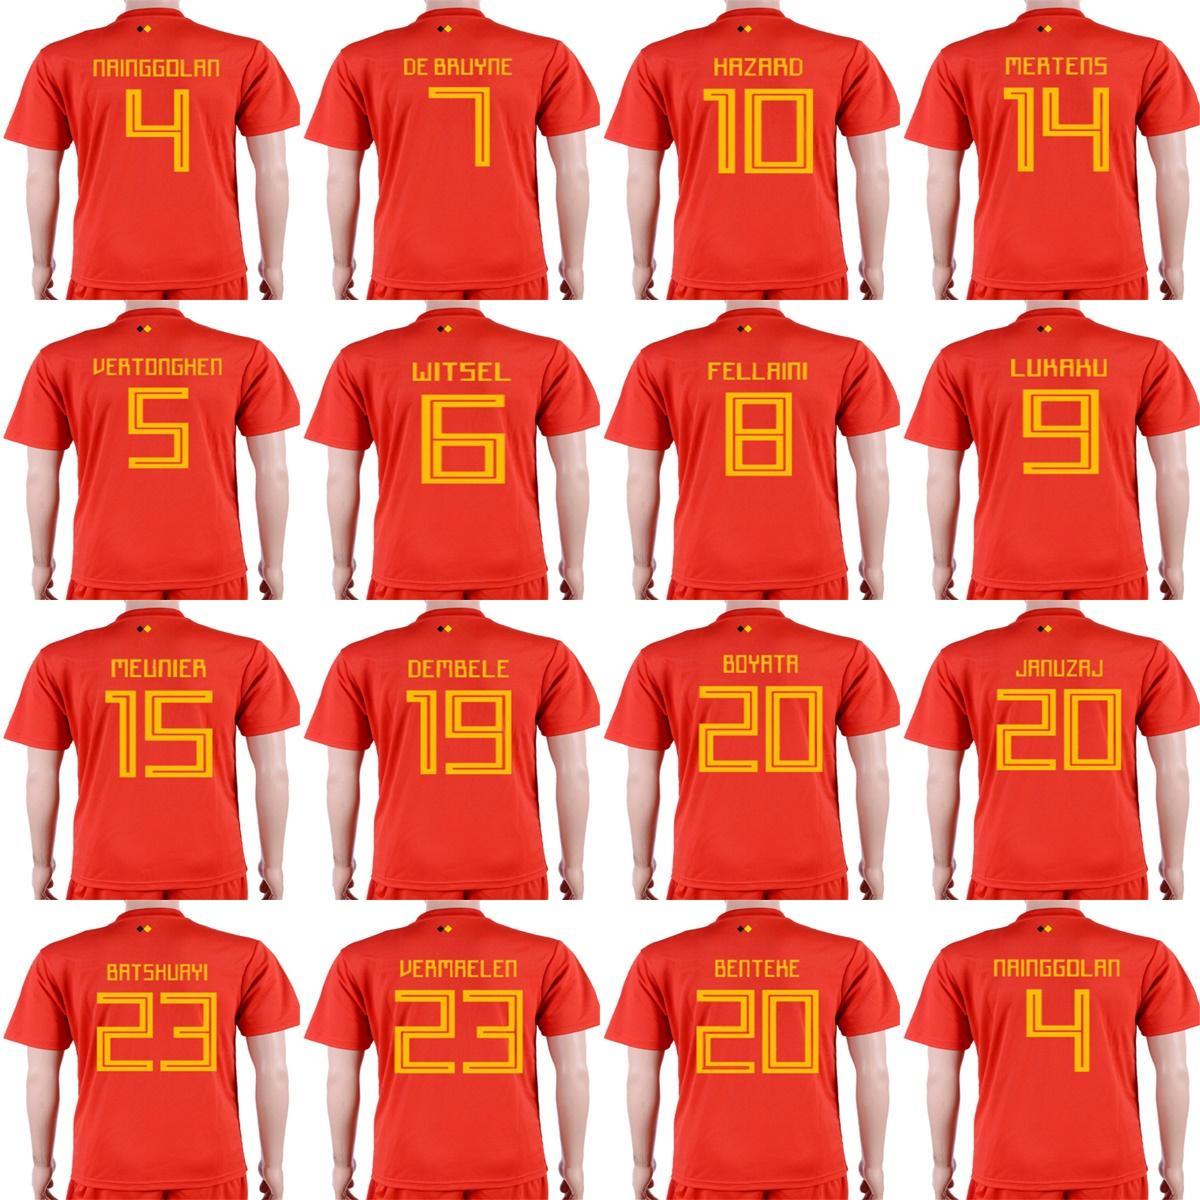 6679e6b81 Mens Womens Kids Custom 2018 World Cup Belgium Soccer Jerseys 4 ...